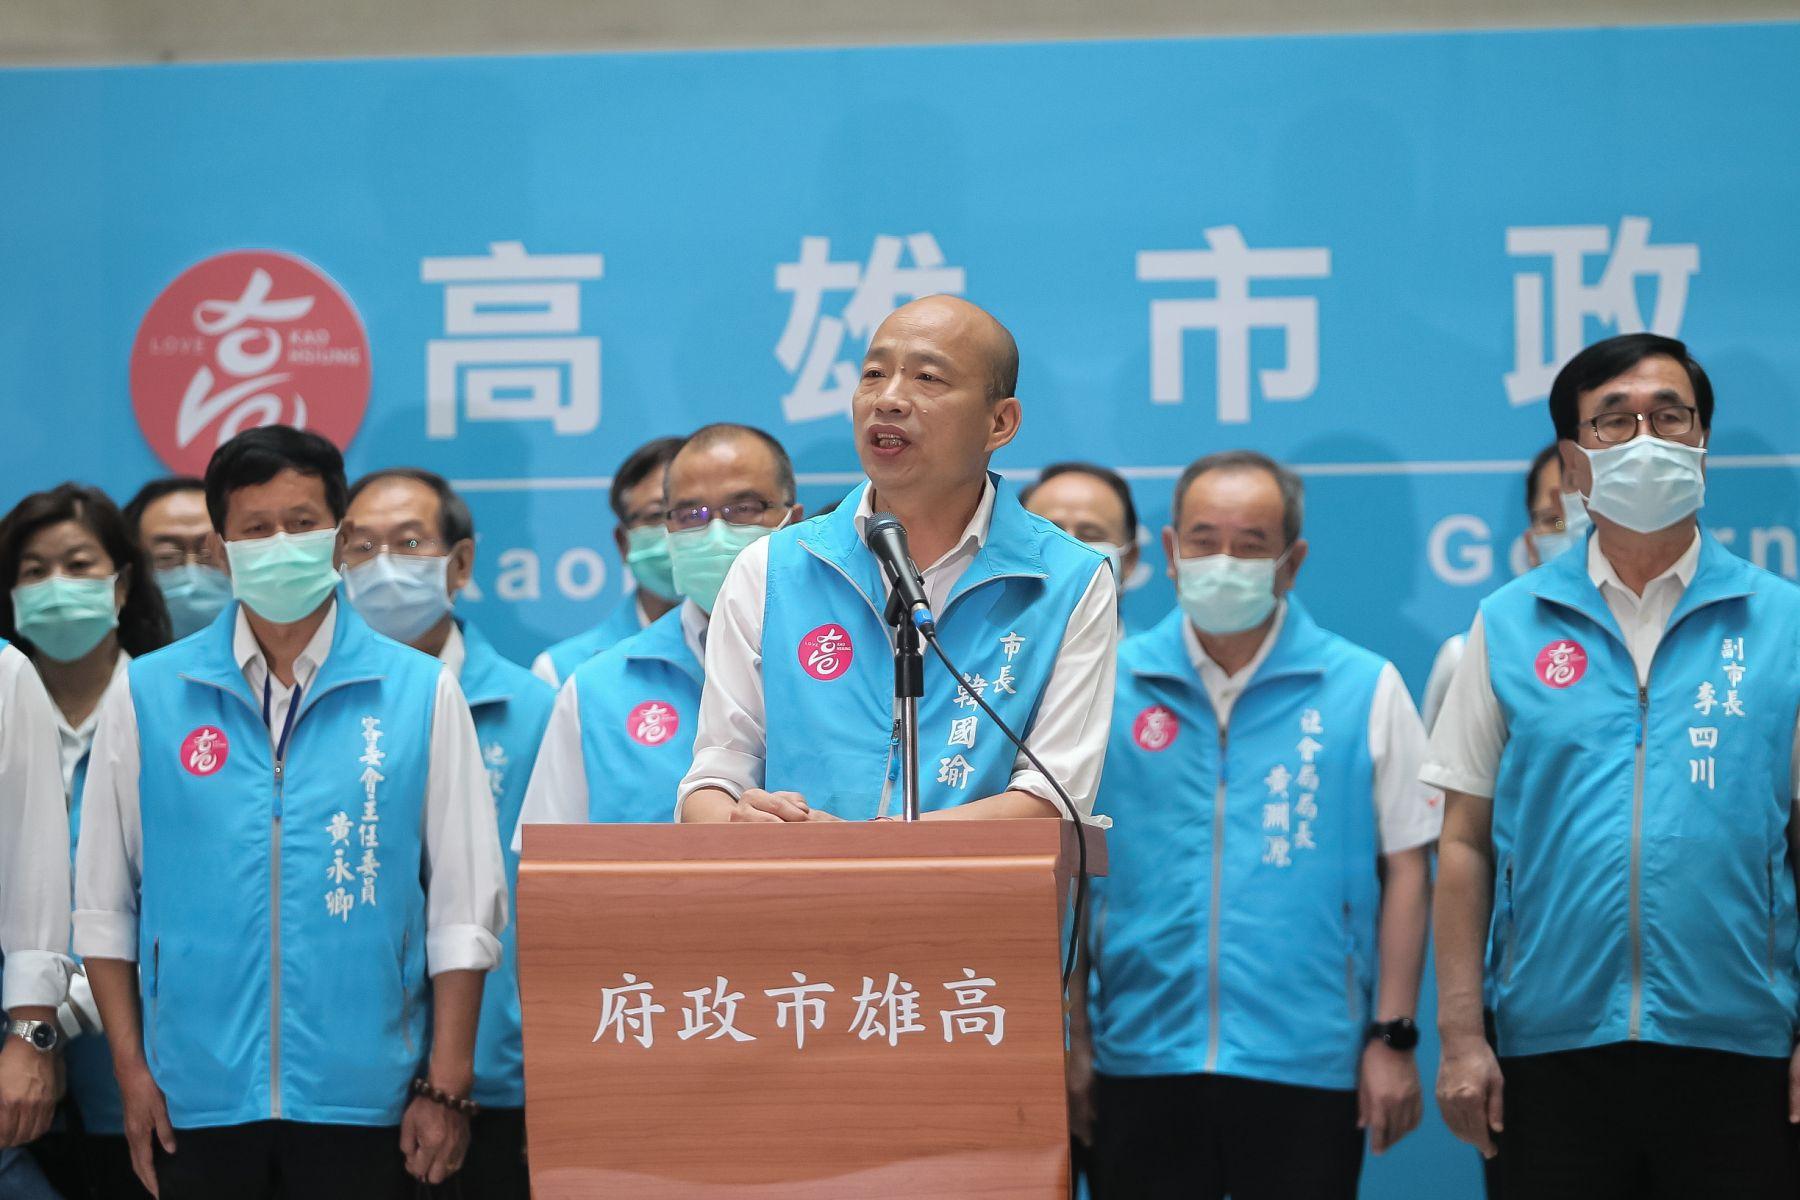 韓國瑜才說坦然接受結果...選後卻批「罷韓國家隊」 張雅琴:作風跟共產黨真像,還好罷掉你了